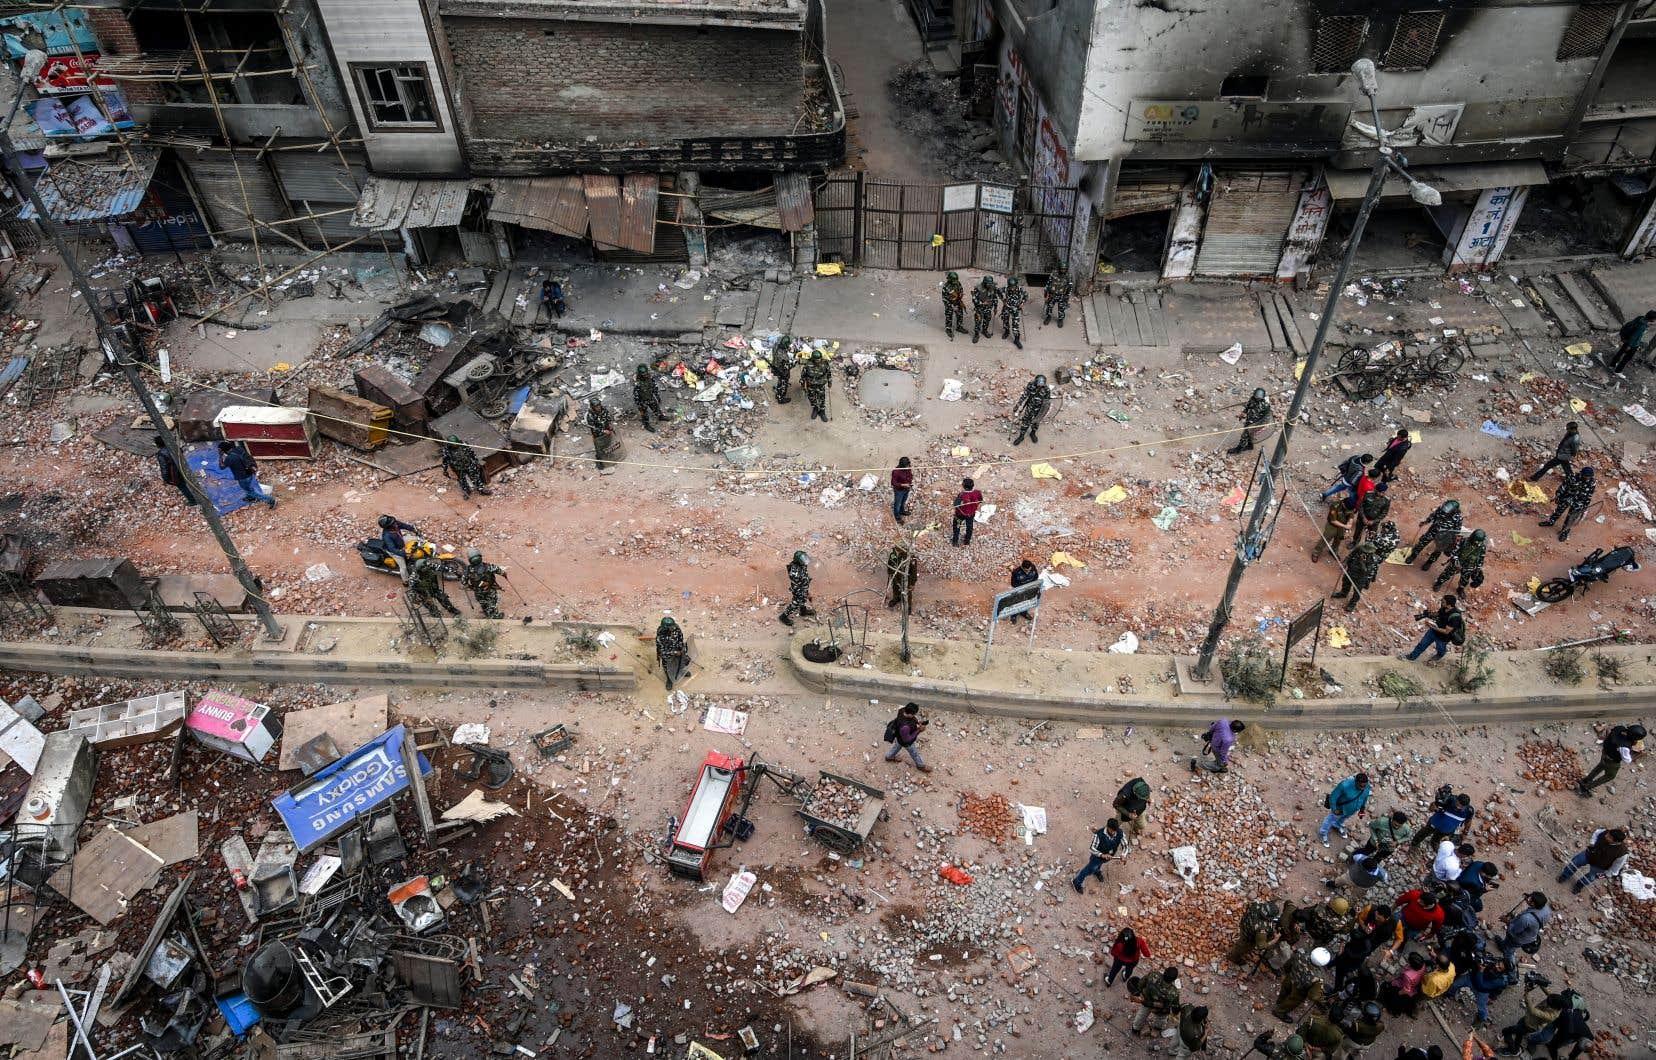 Cette flambée de violences intercommunautaires est la pire à frapper la capitale depuis les massacres de Sikhs en 1984 en représailles à l'assassinat d'Indira Gandhi.